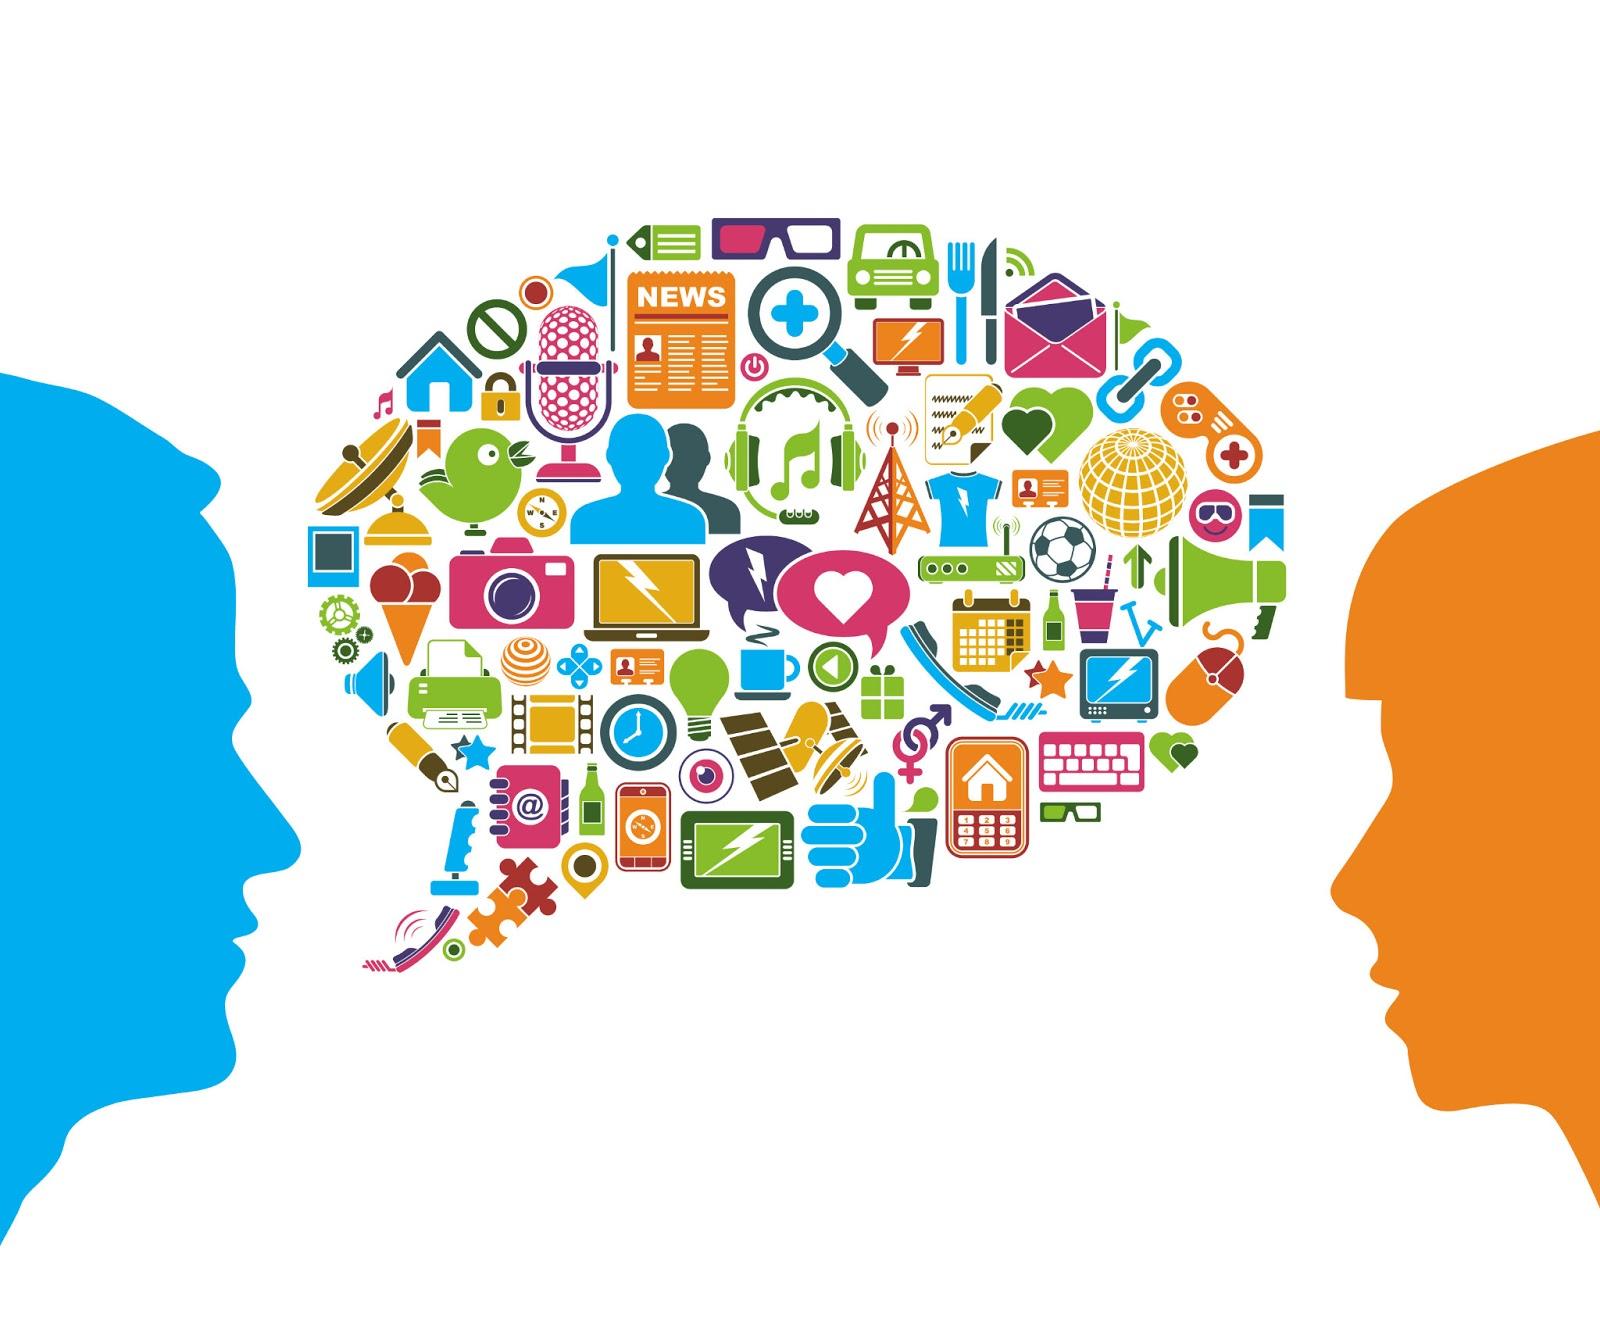 9 Kỹ Năng Quan Trọng để Trở Thành Một Nhà Lãnh Đạo Thành Công